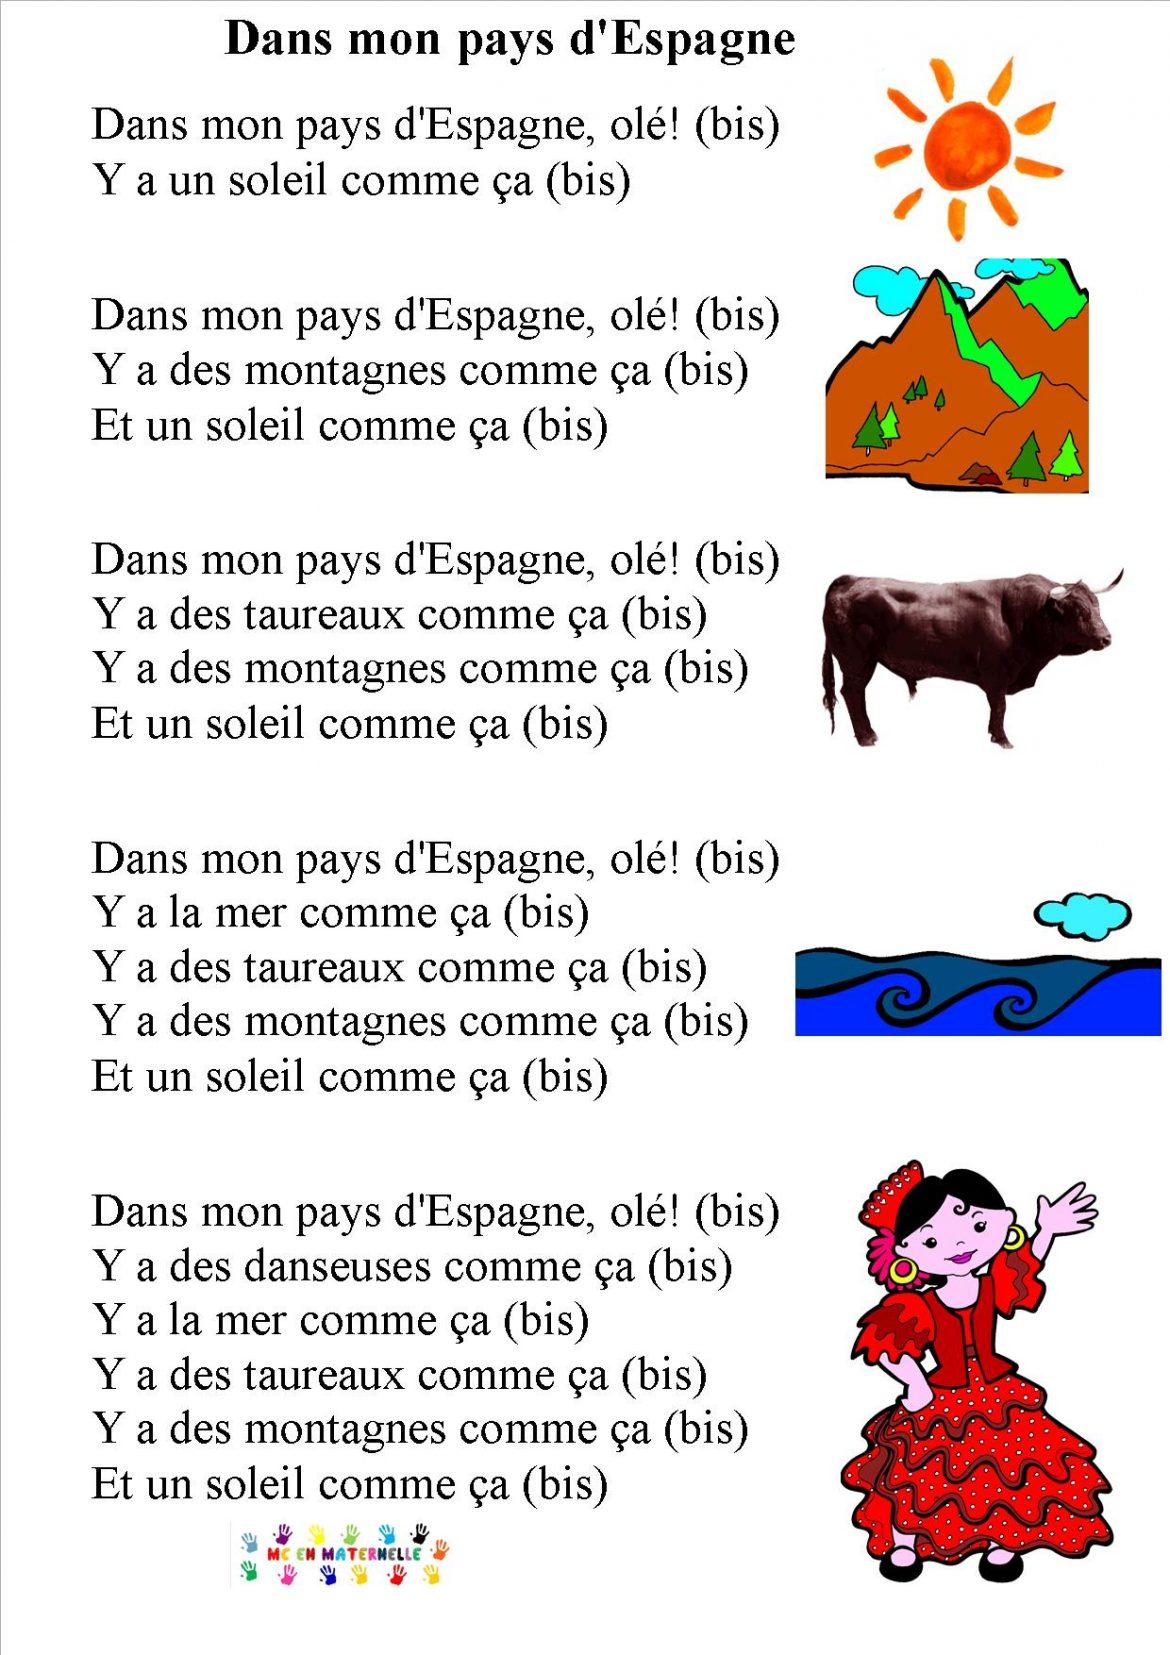 Chansons comptines page 3 mc en maternelle for Pas d cochon dans mon salon comptine